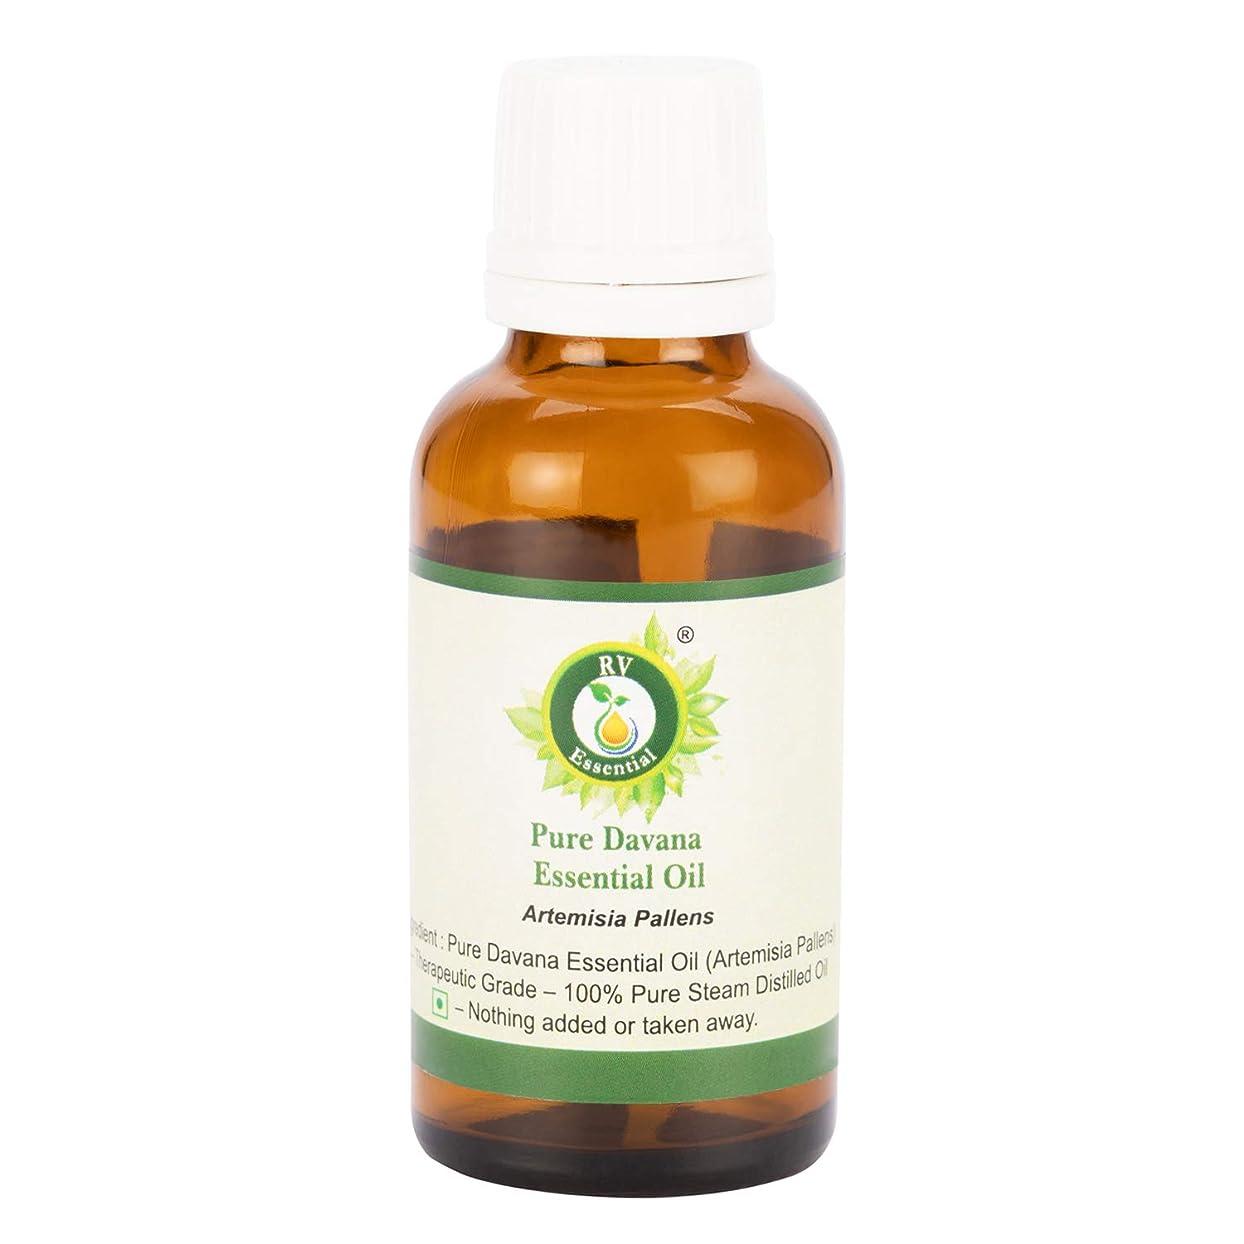 地下室農民メディカルピュアDavanaエッセンシャルオイル630ml (21oz)- Artemisia Pallens (100%純粋&天然スチームDistilled) Pure Davana Essential Oil